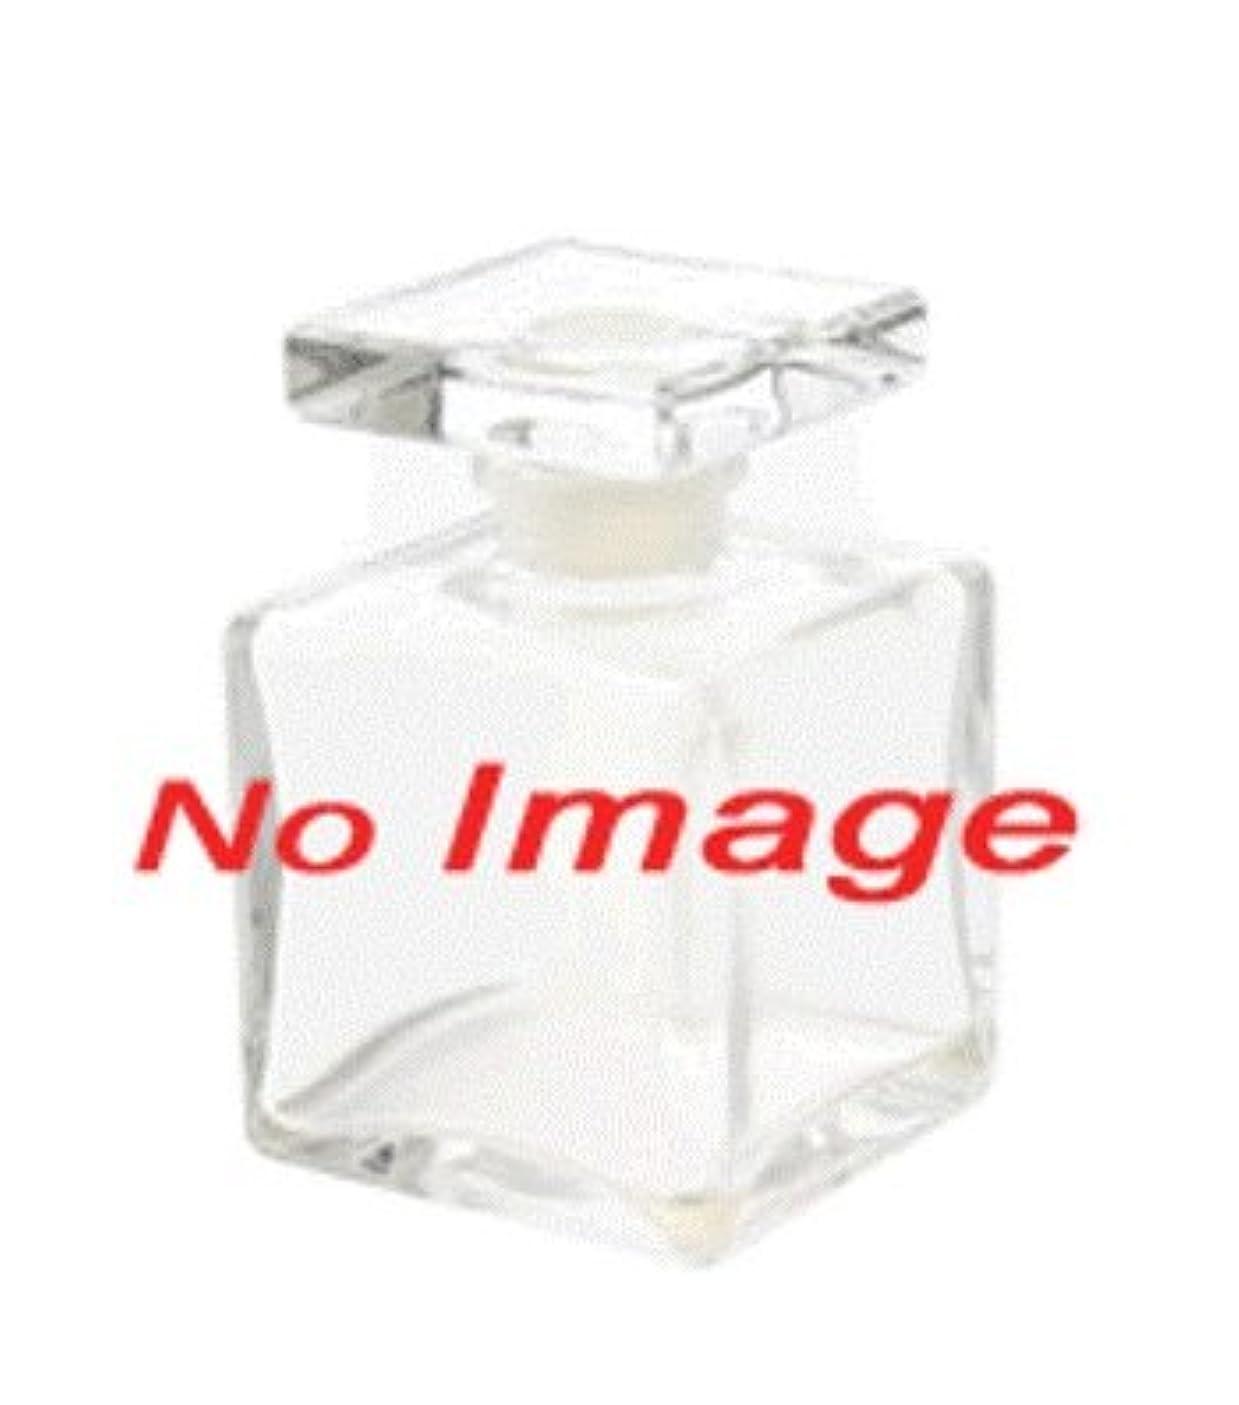 未使用生じる累積Pierre Cardin Innovation (ピエール カルダン イノベーション) 1.7 oz (50ml) EDC Spray for Men